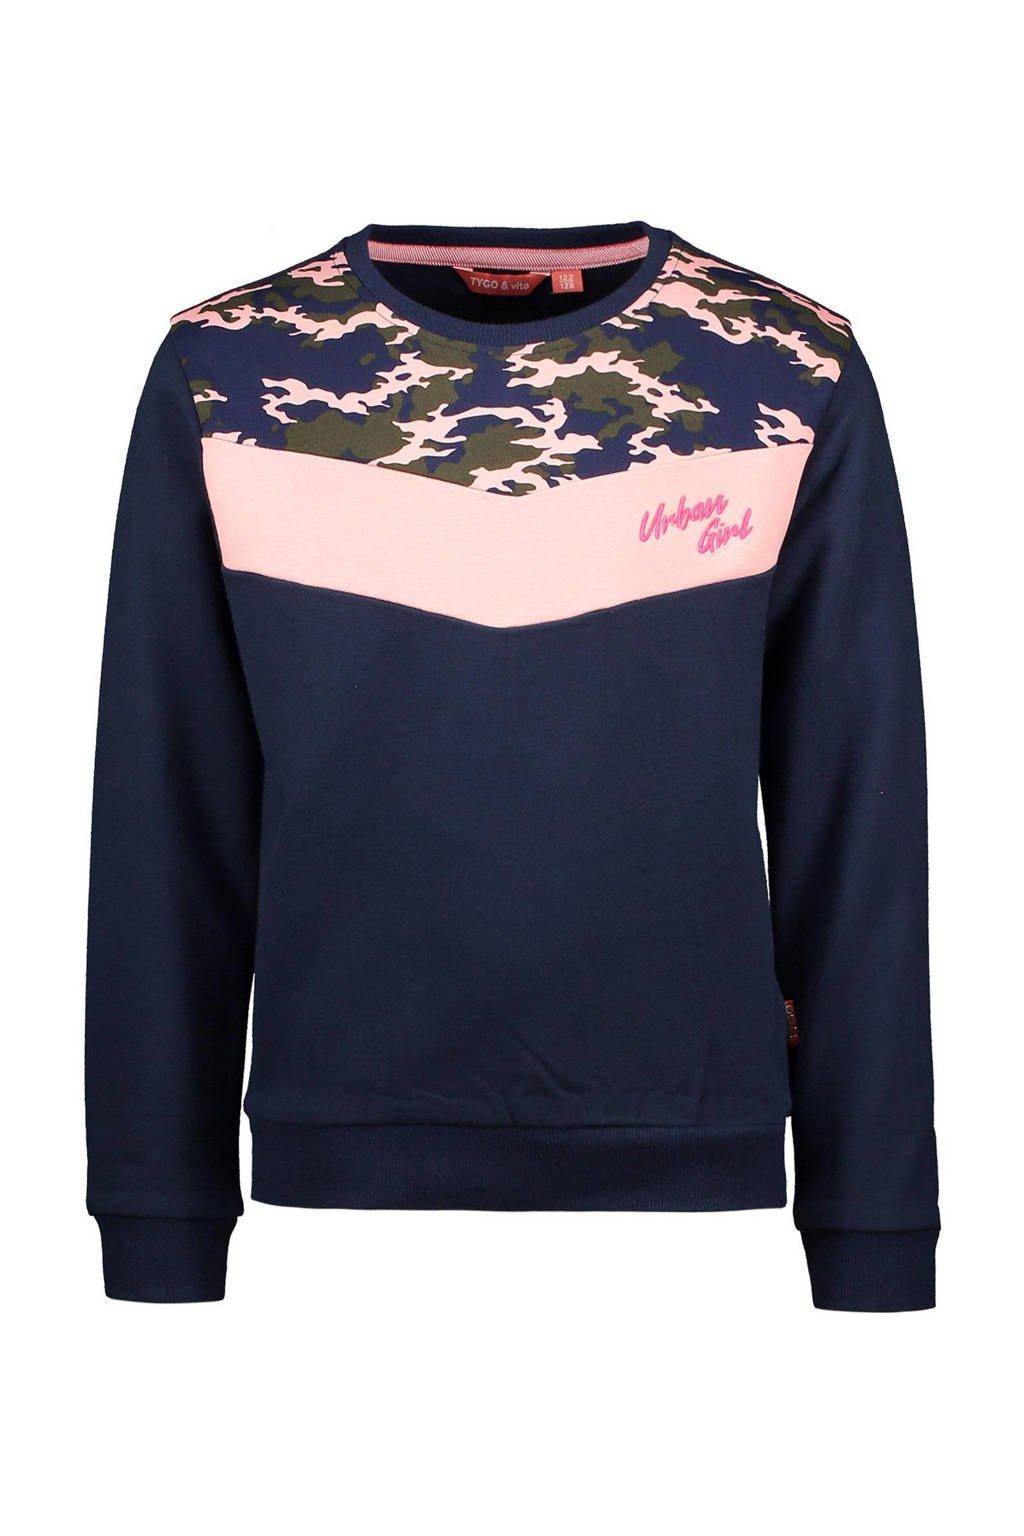 TYGO & vito sweater met camouflageprint donkerblauw, Donkerblauw